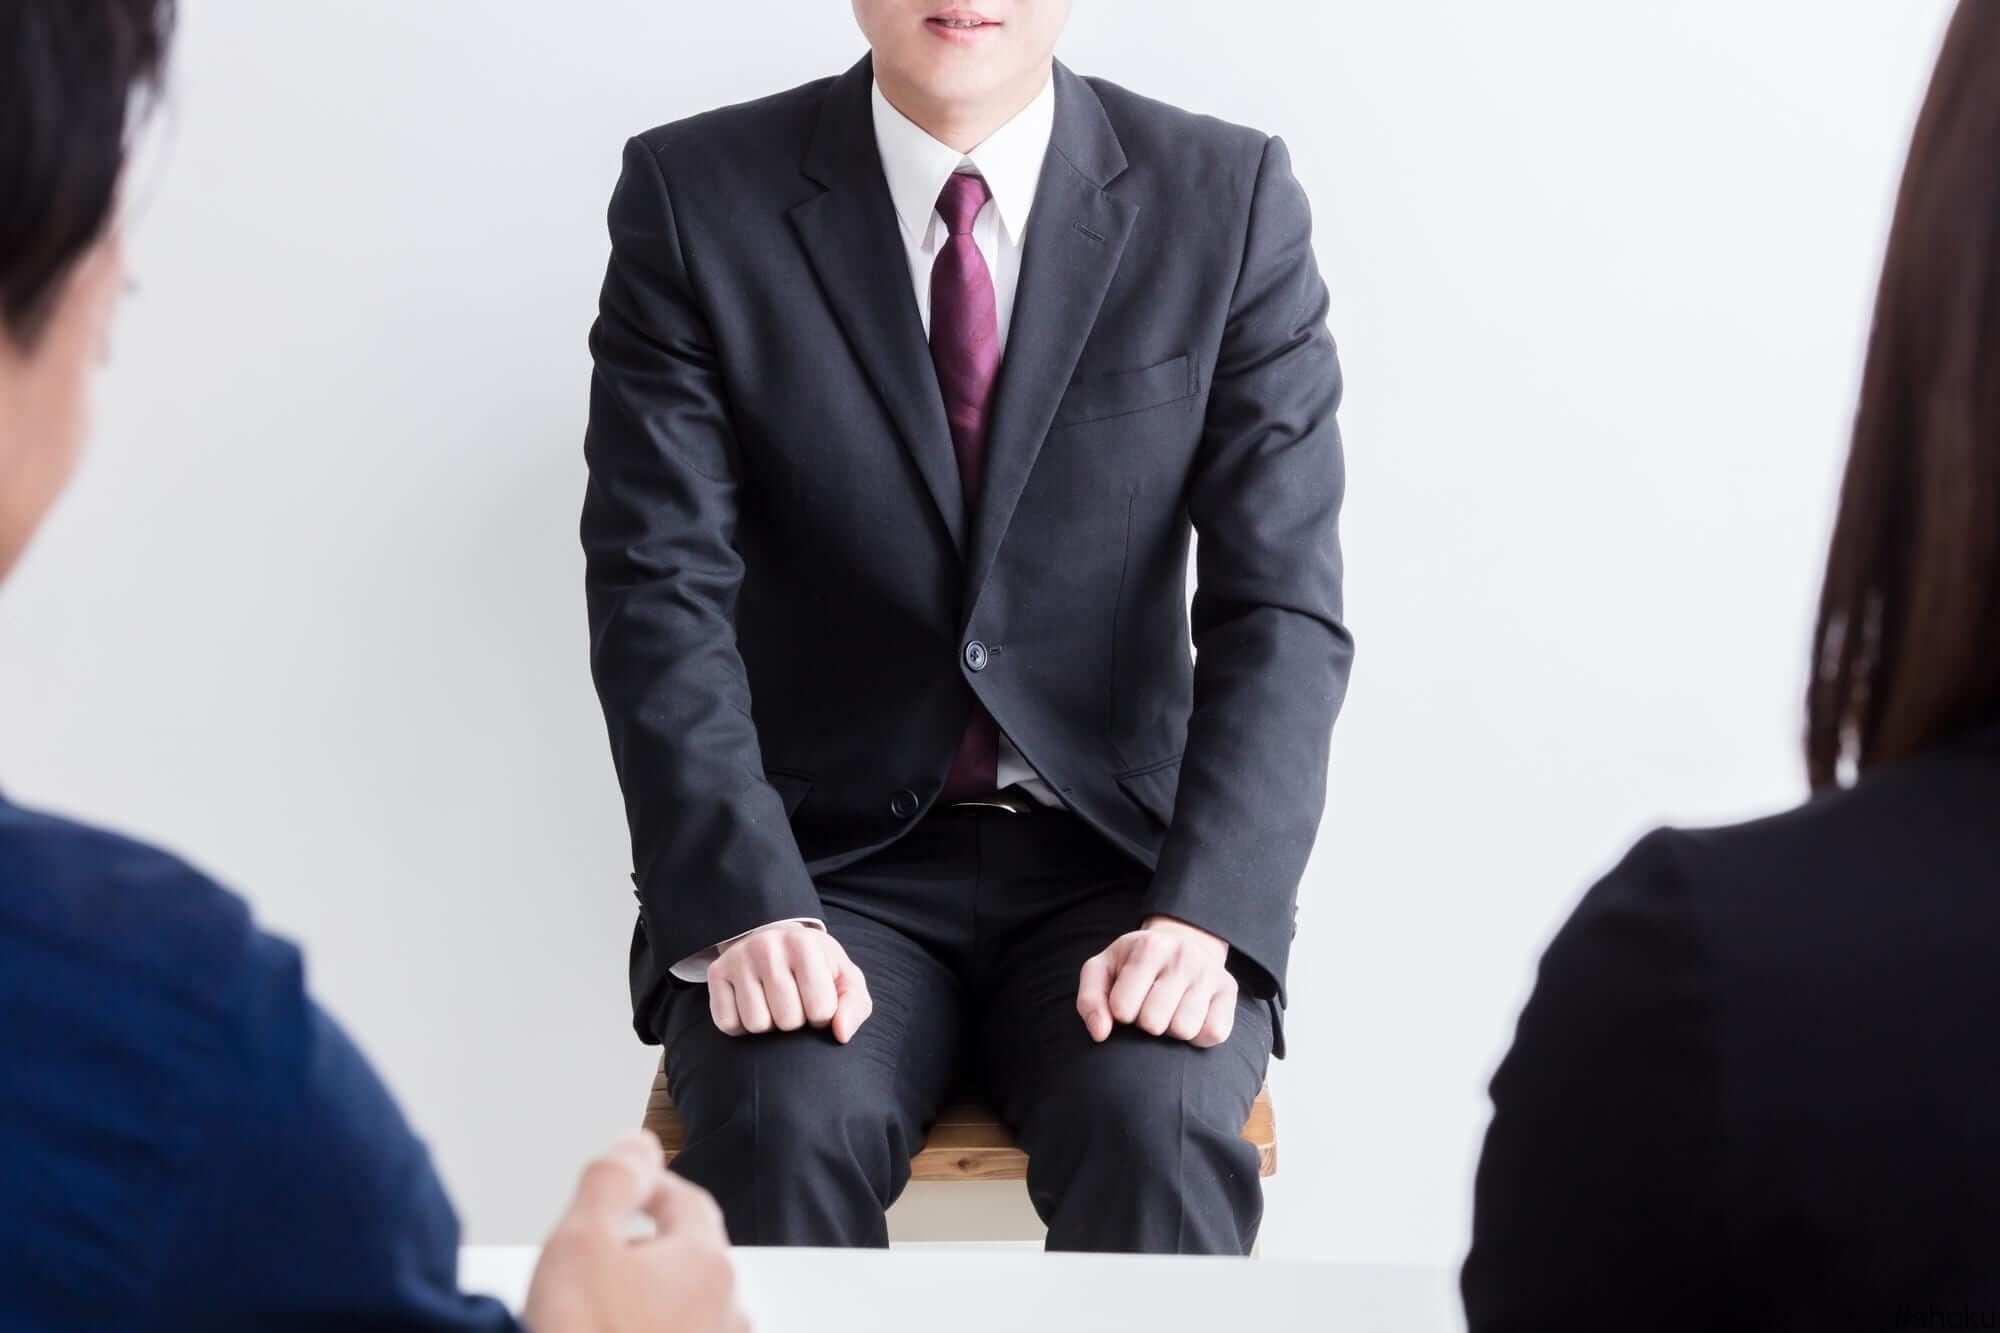 派遣事務の採用面接に挑む男性